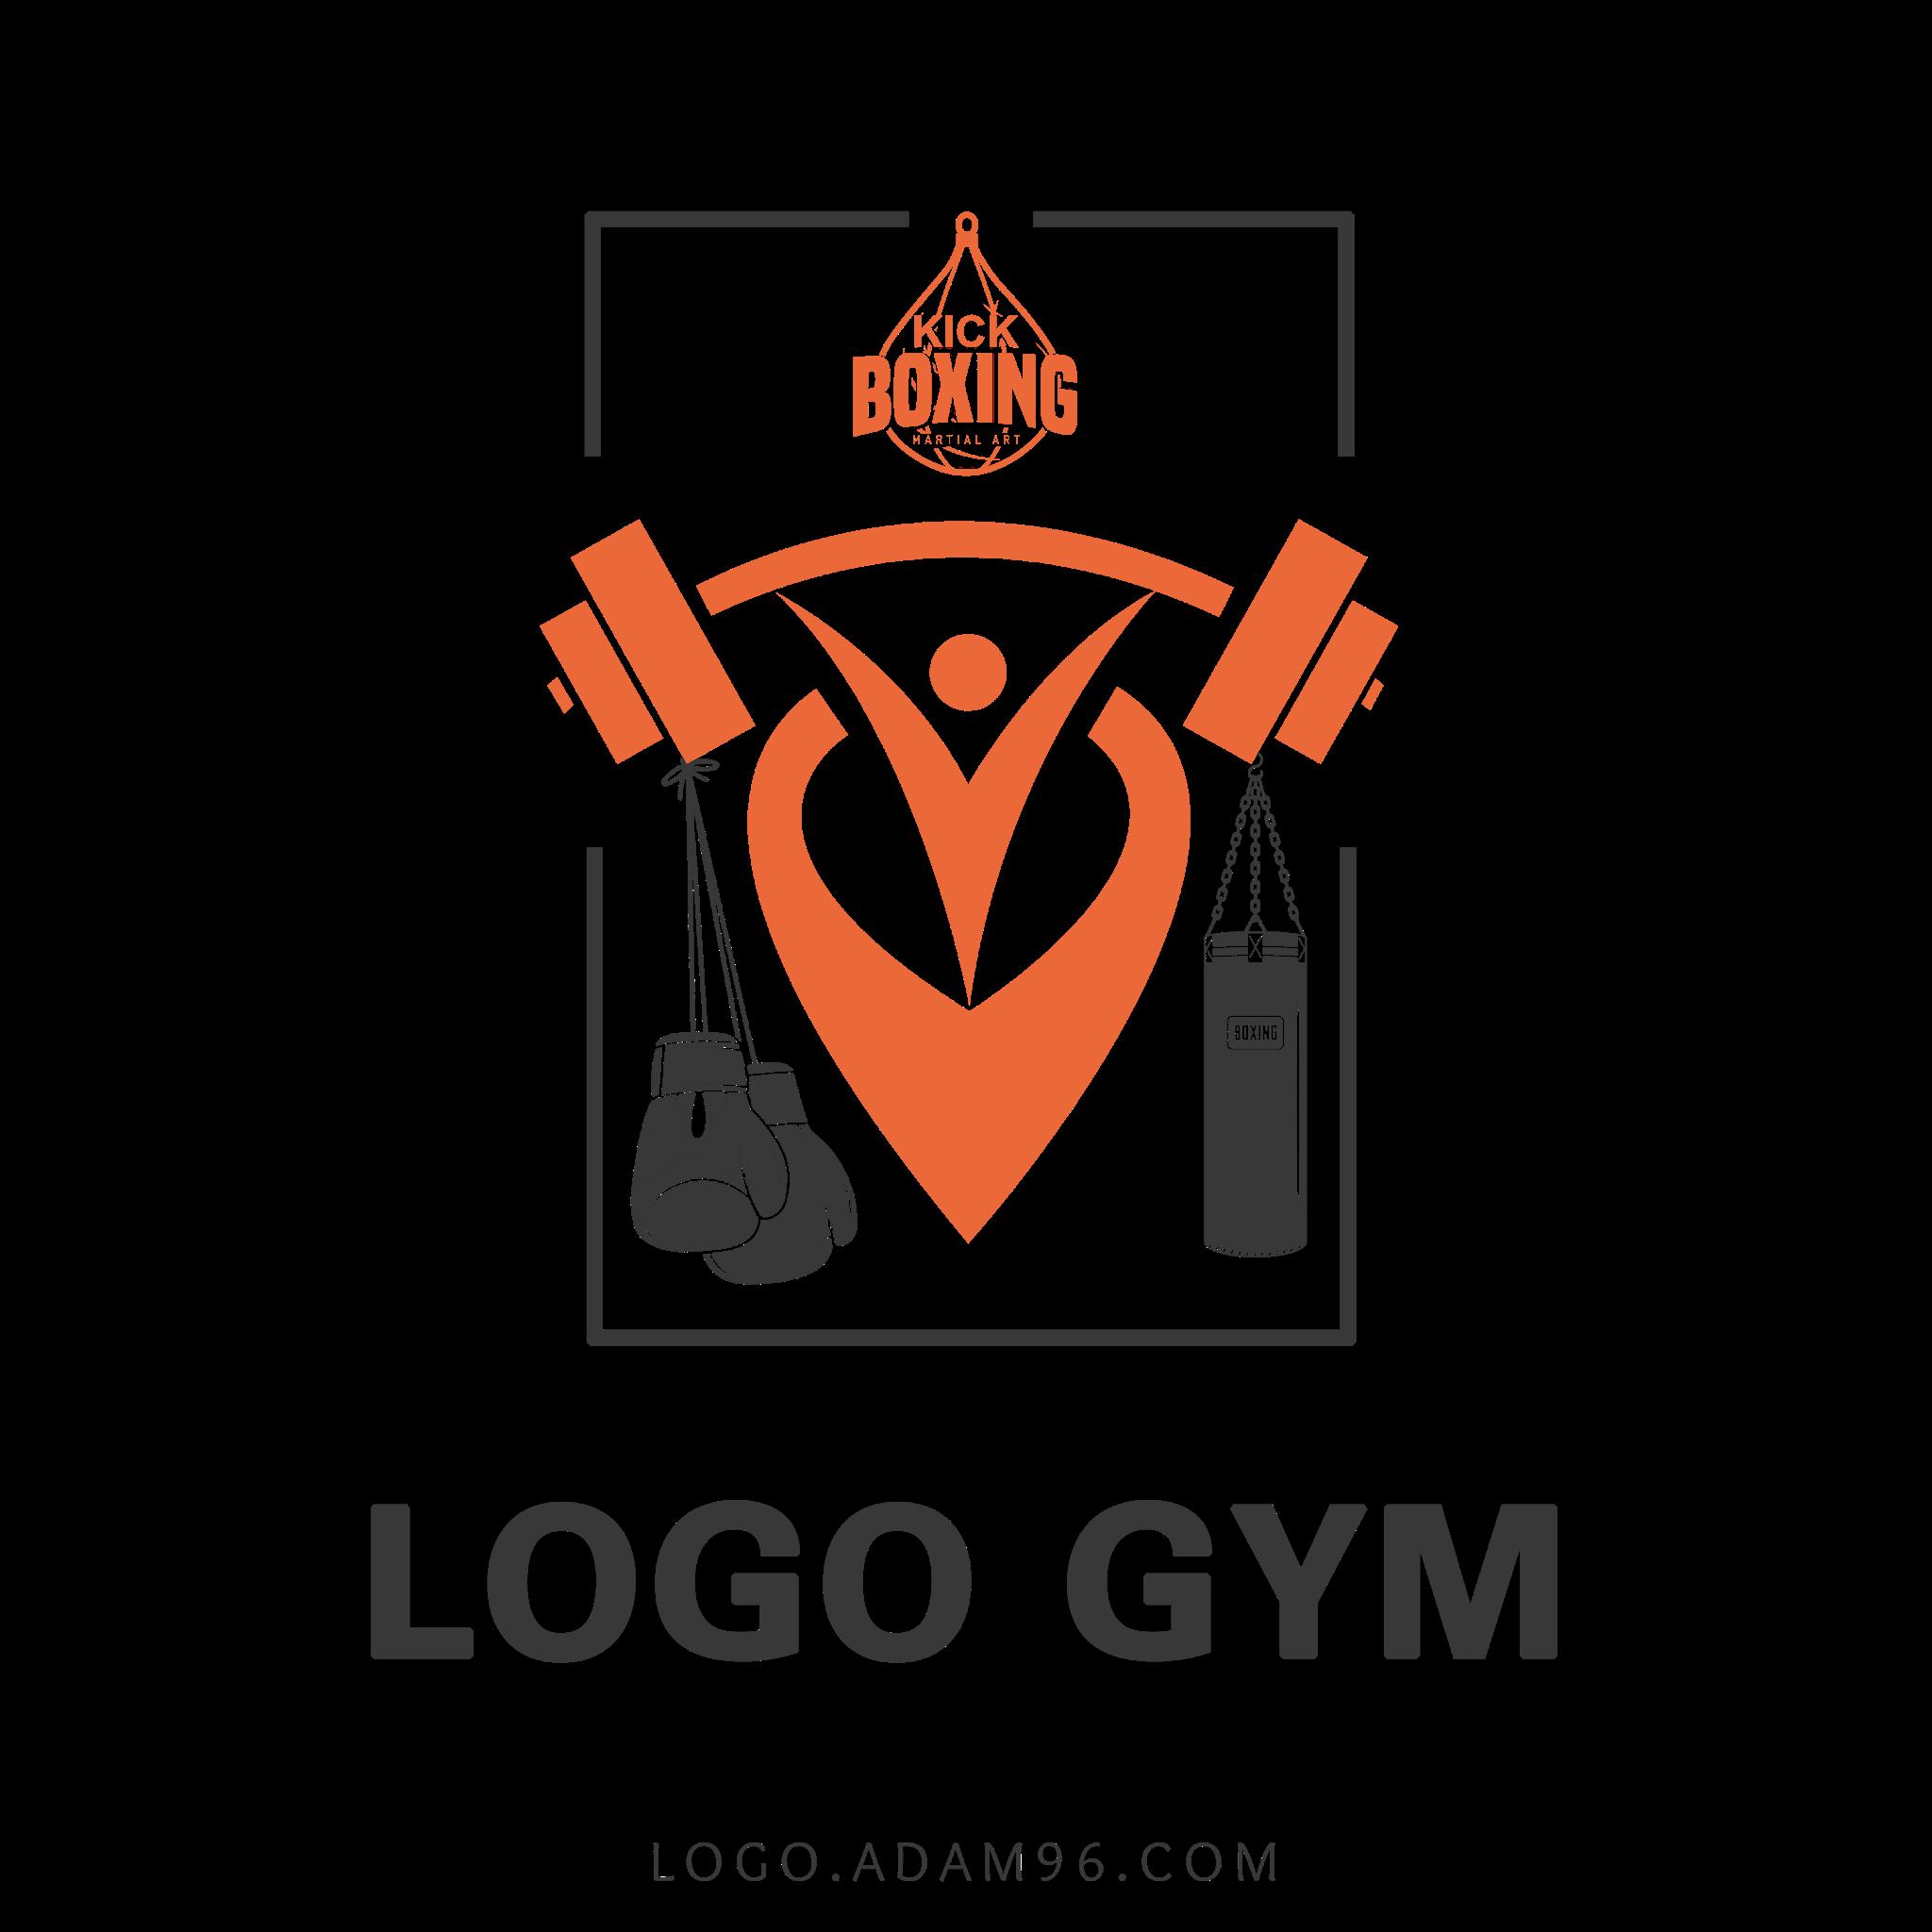 تحميل شعار نادي رياضي بدون حقوق للاستخدام المجاني لوجو بصيغة PSD - PNG